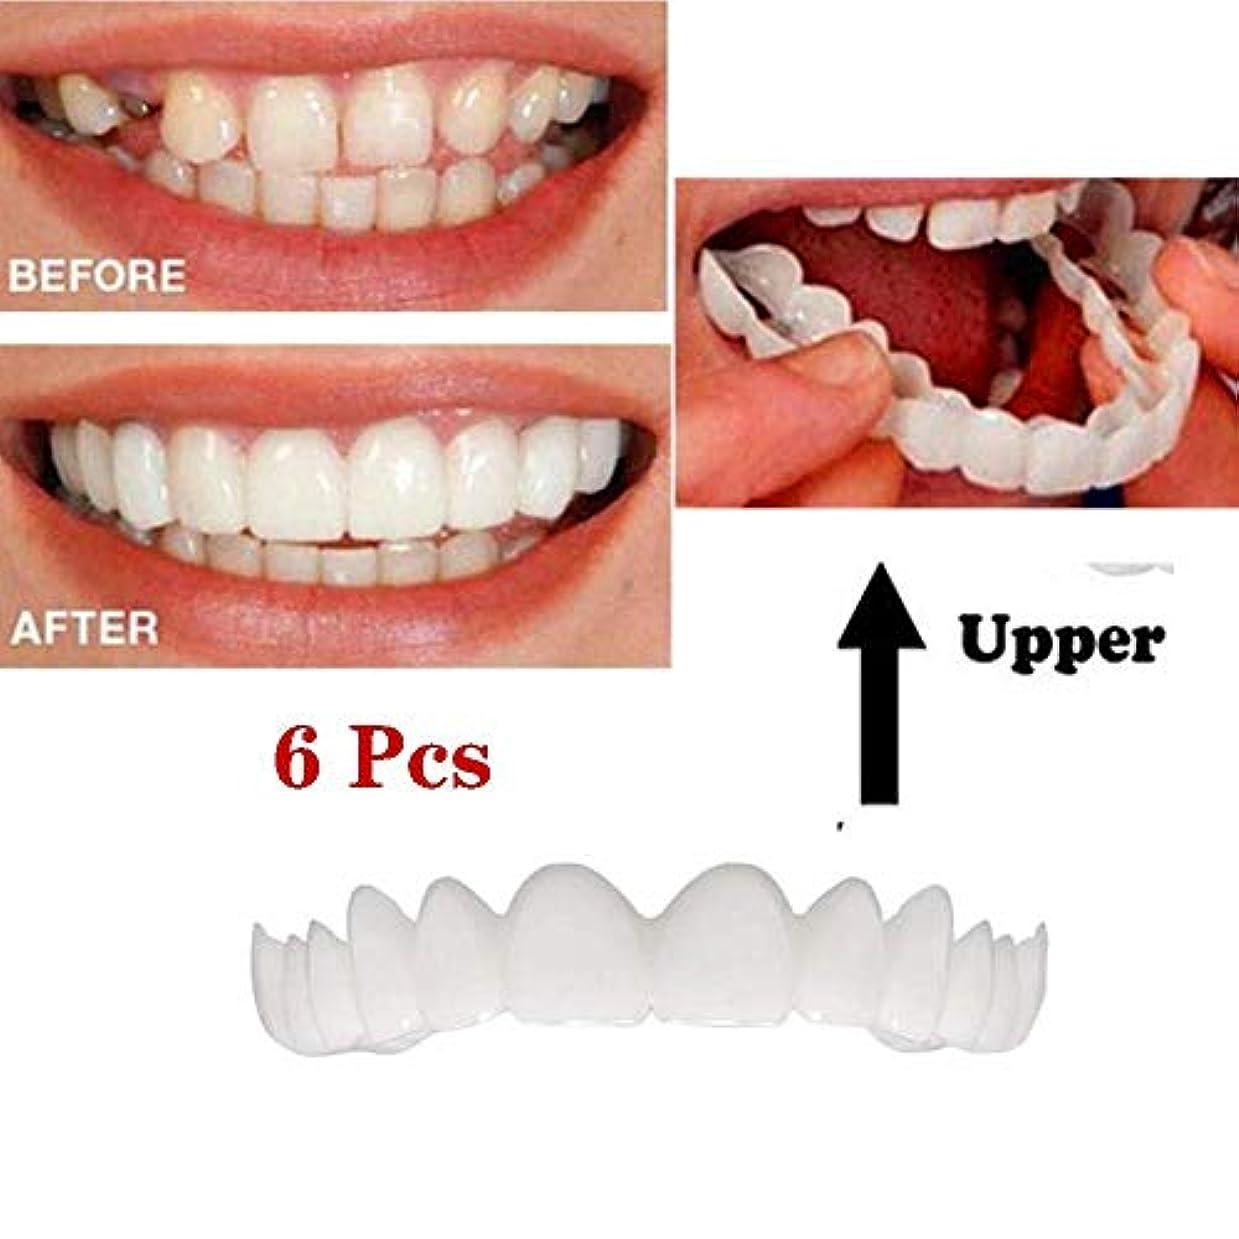 着替える接辞泣いている6個シリコーン偽の歯偽歯カバーホワイトニング義歯オーラルケア歯ホワイトニングデンタルオーラルケアアッパーブレース仮化粧品歯義歯